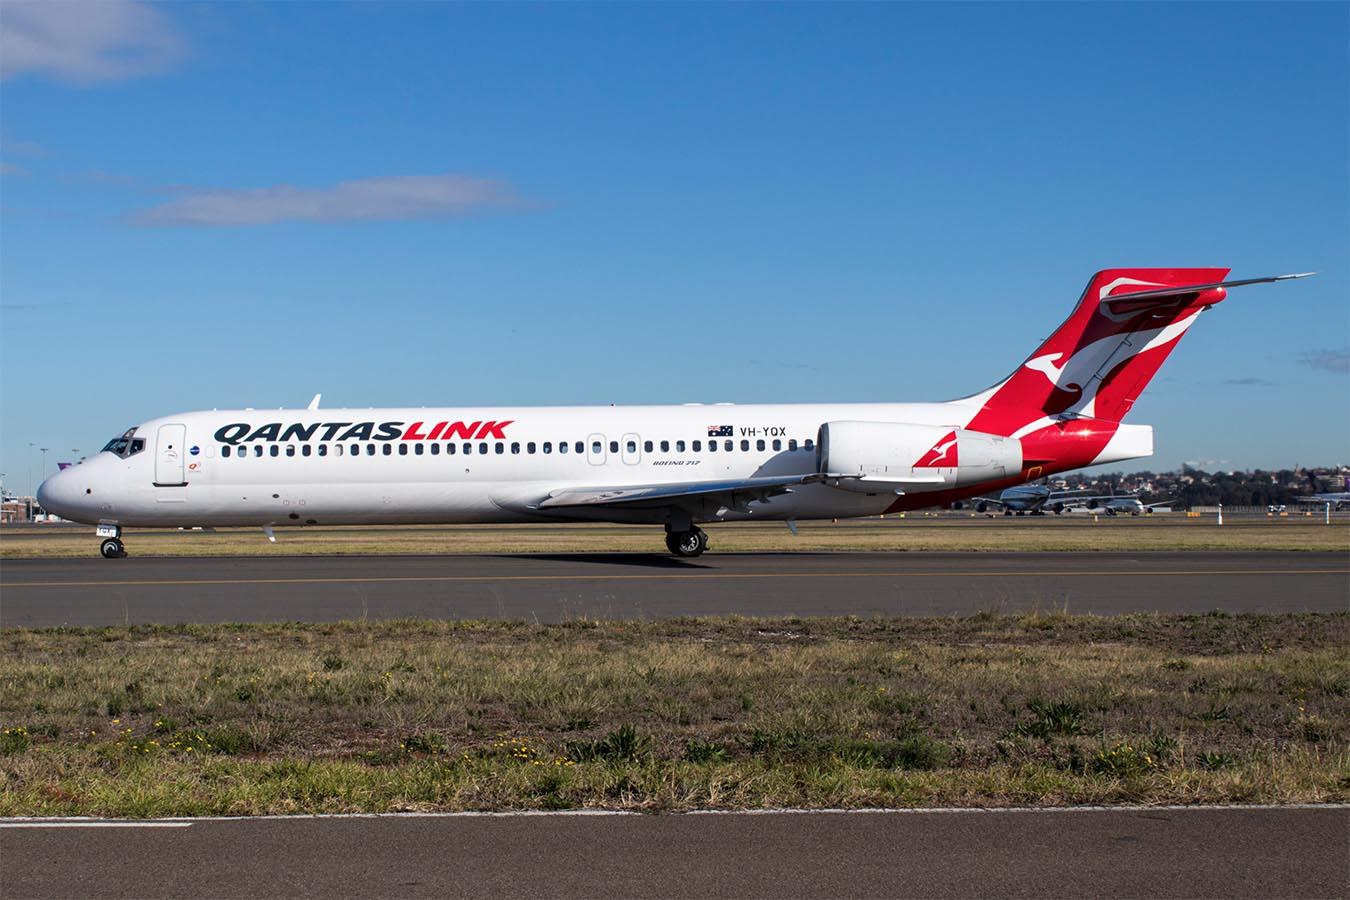 Qantas 717